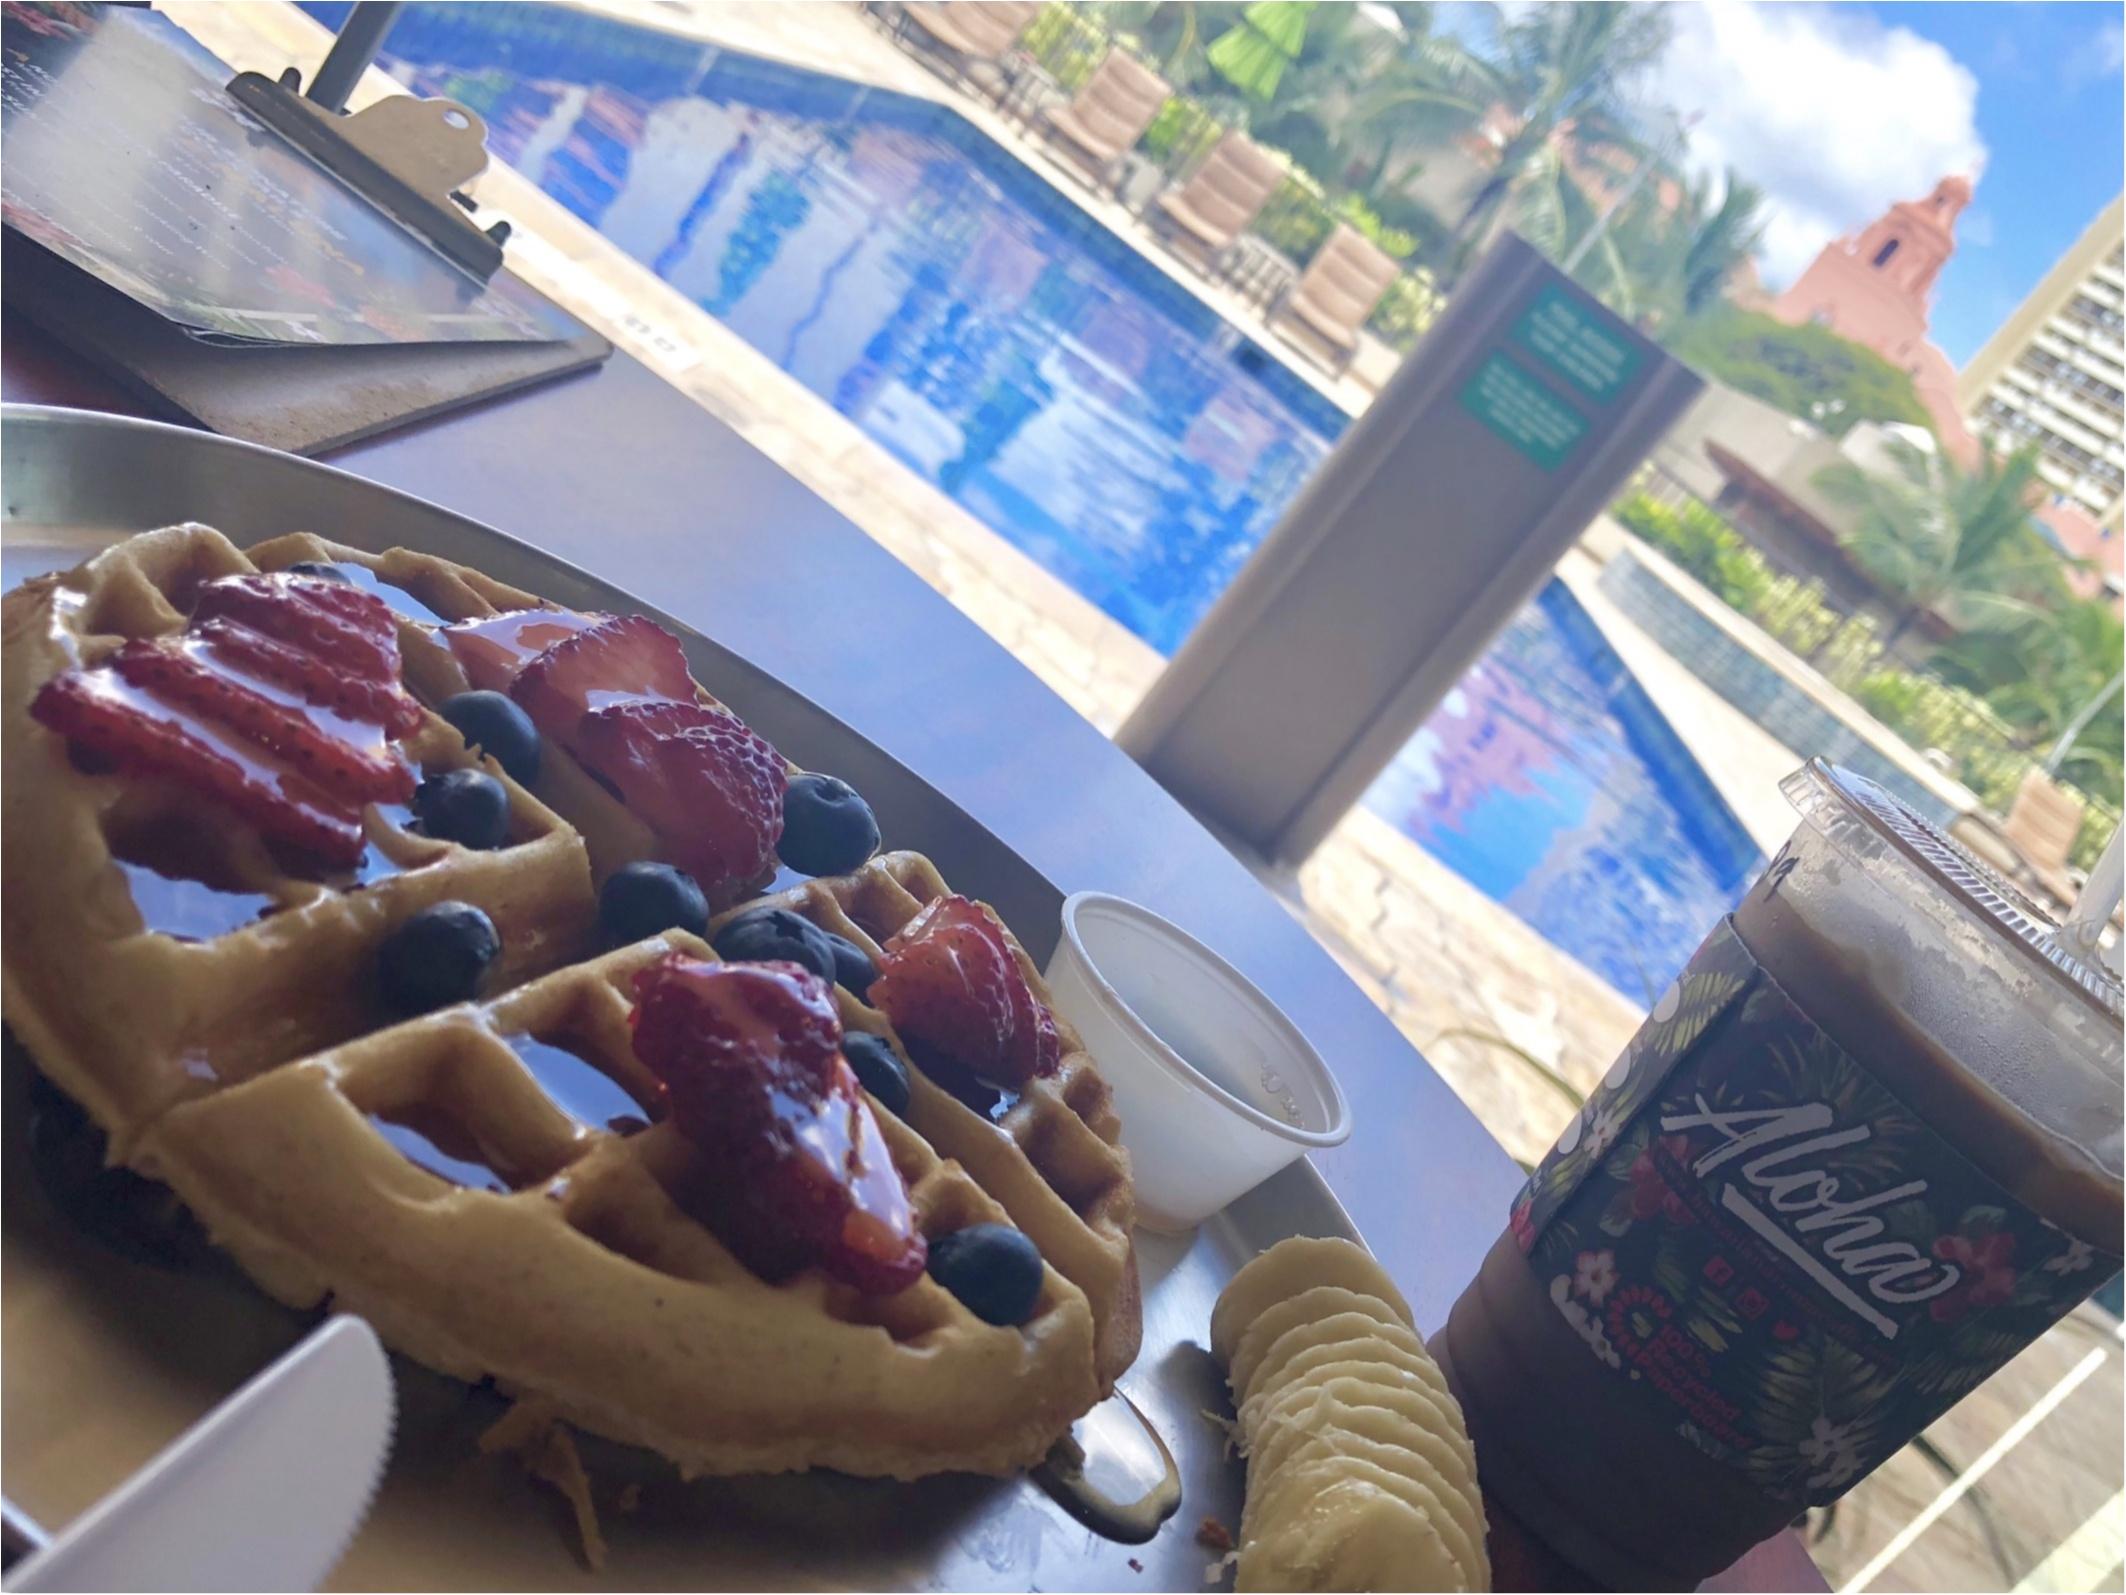 ハワイ女子旅特集 - 人気のカフェやグルメ、インスタ映えスポット、ディズニーなど旅する女子のおすすめまとめ_86